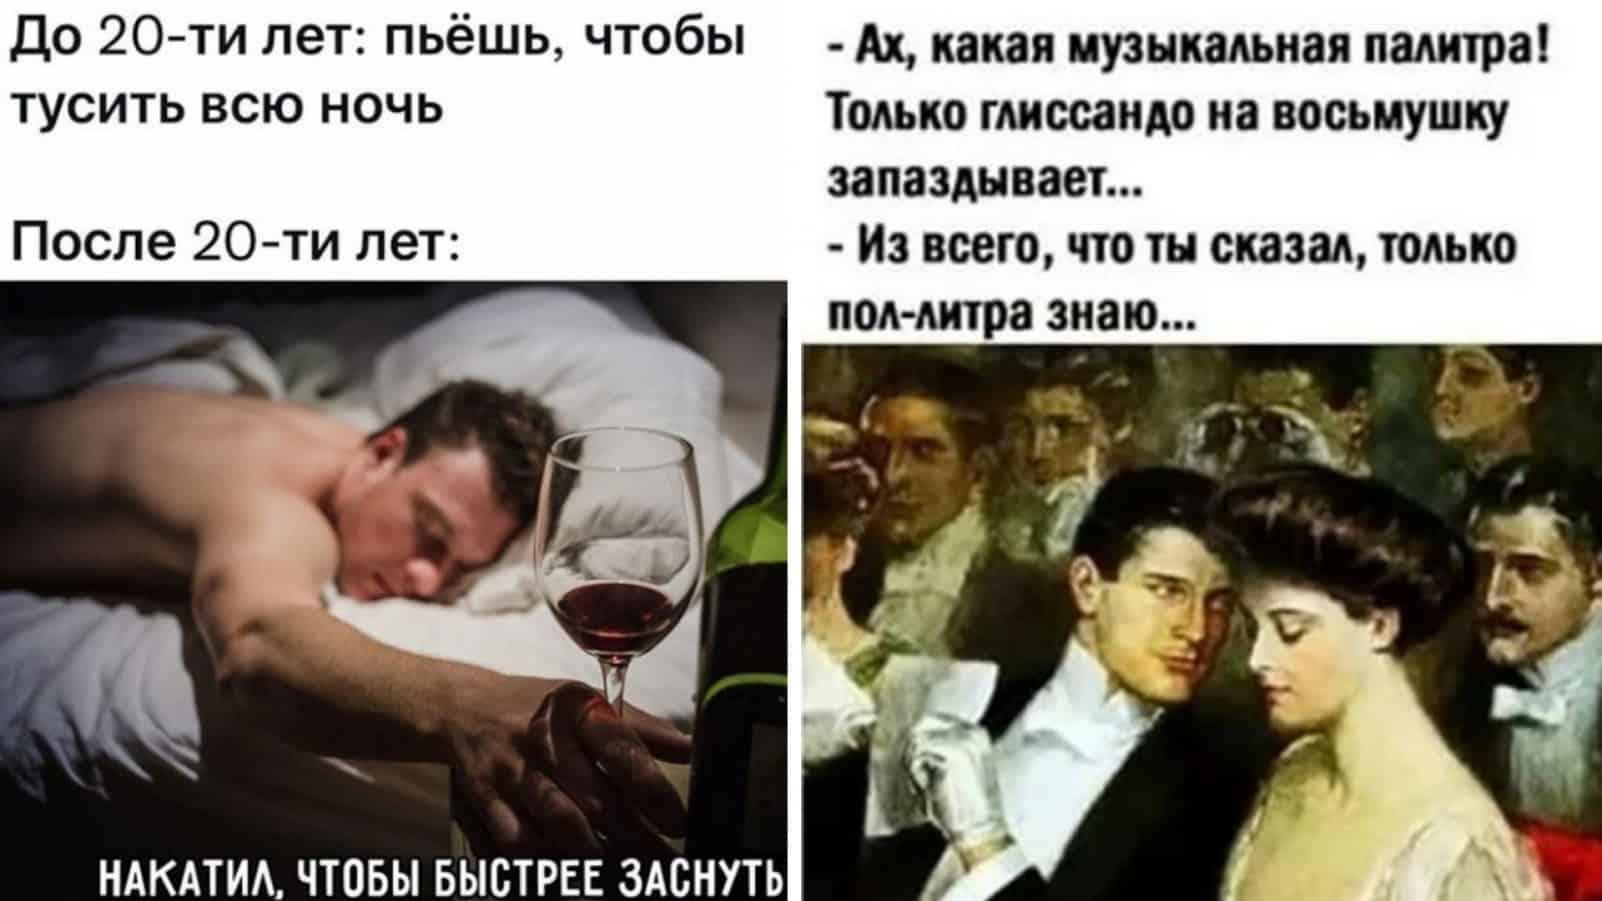 Мемы и приколы про алкоголь после выходных